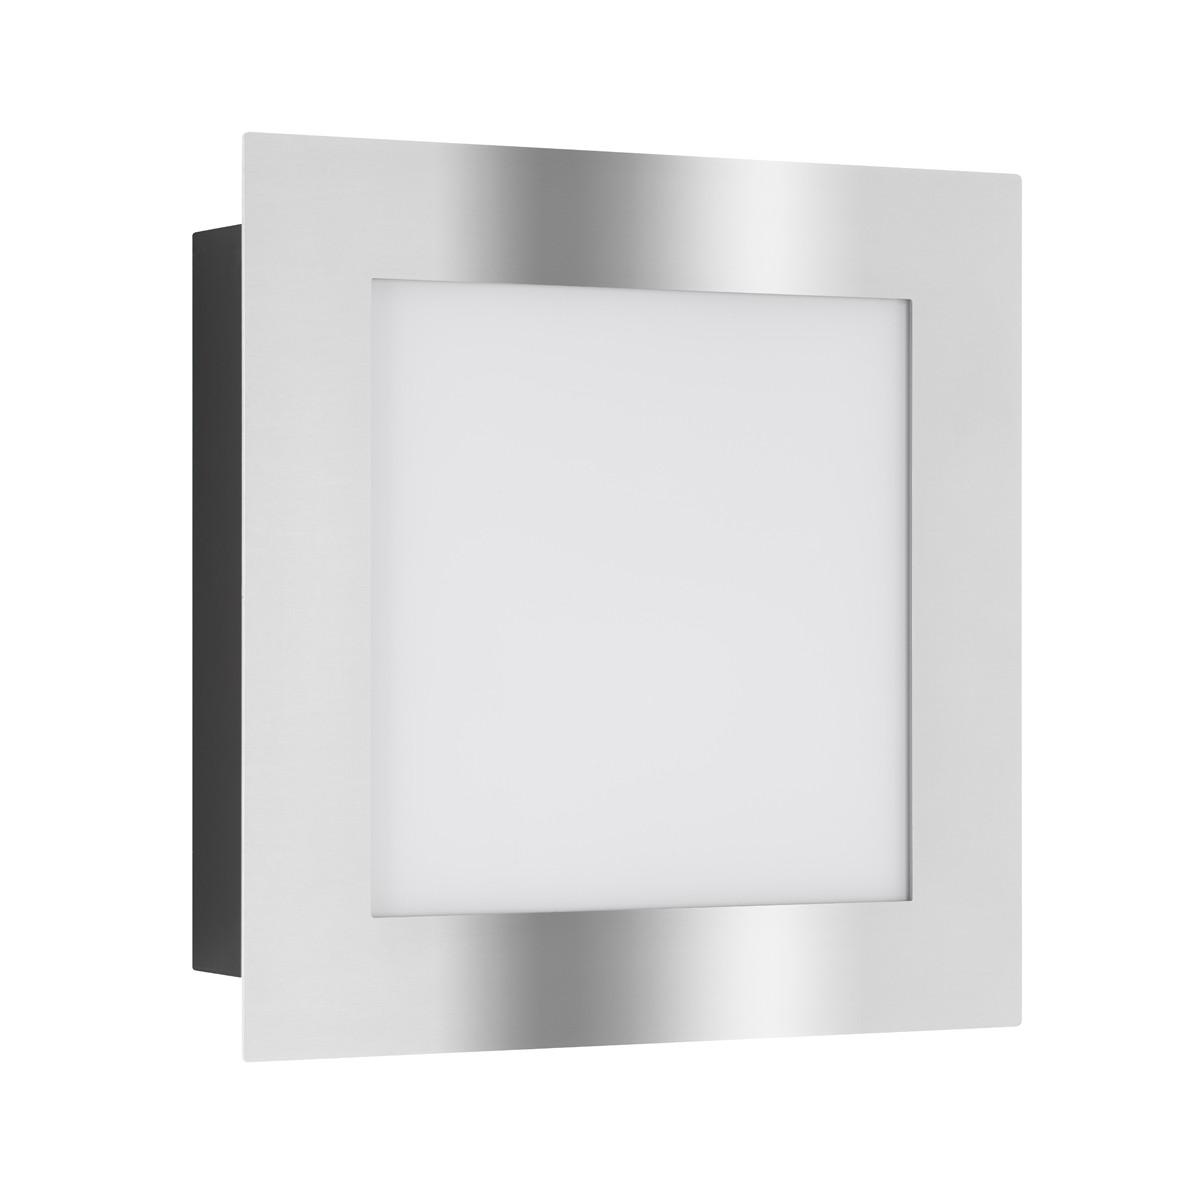 LCD Außenleuchten 3005 Wandleuchte, Edelstahl, ohne Bewegungsmelder